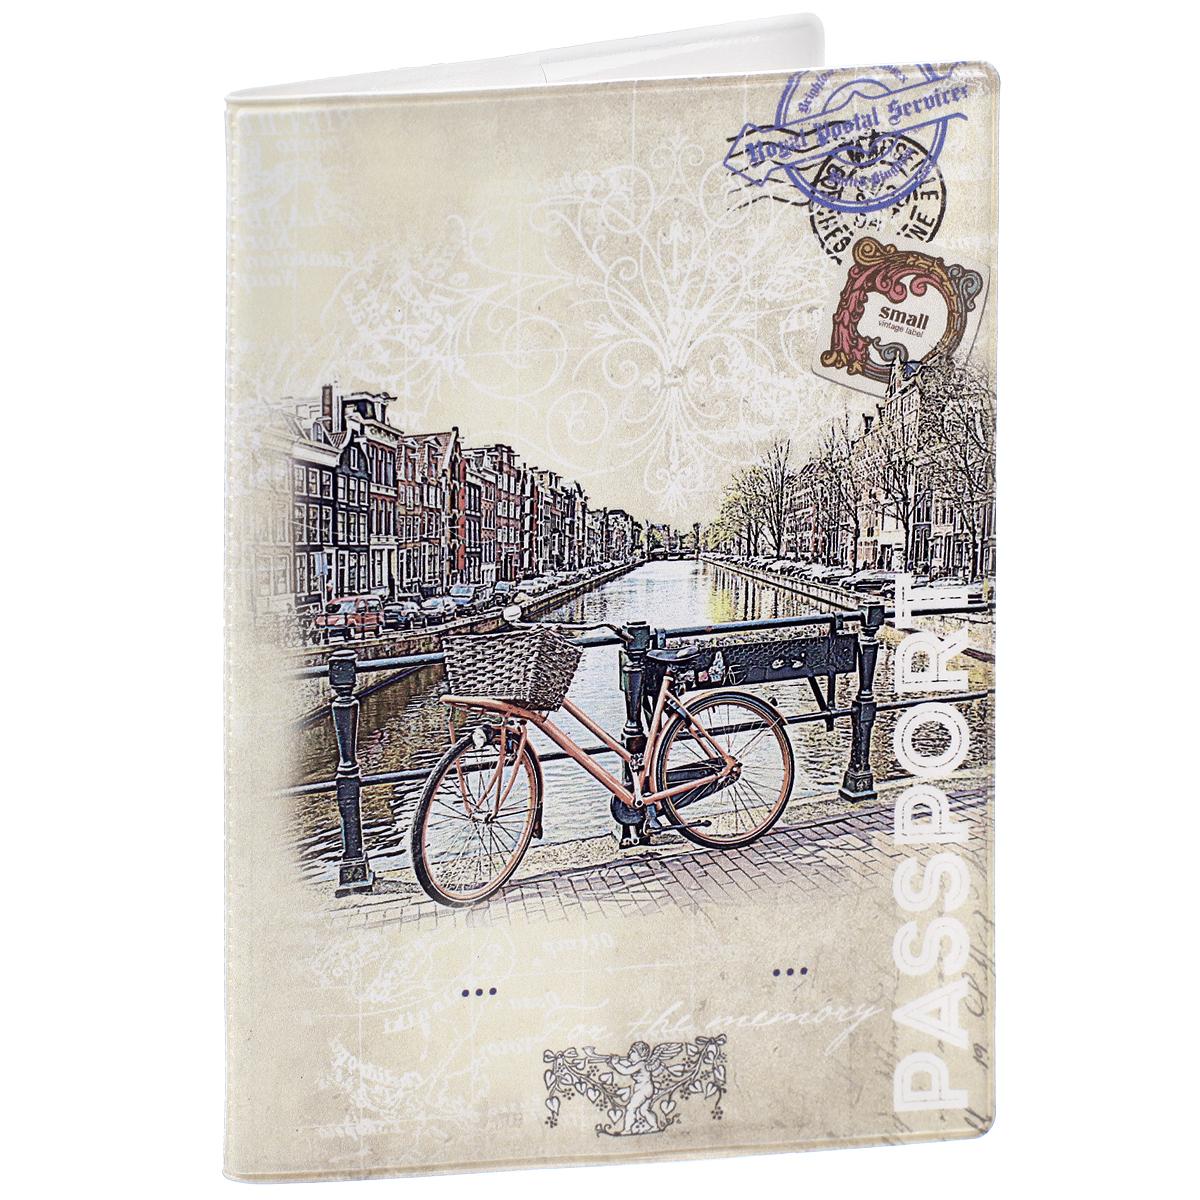 Обложка для паспорта Велосипед, цвет: бежевый. 32401W16-12123_811Обложка для паспорта Велосипед не только поможет сохранить внешний вид ваших документов и защитить их от повреждений, но и станет стильным аксессуаром, идеально подходящим вашему образу. Обложка выполнена из поливинилхлорида и оформлена оригинальным изображением велосипеда, стоящего на набережной. Внутри имеет два вертикальных кармана из прозрачного пластика. Такая обложка поможет вам подчеркнуть свою индивидуальность и неповторимость!